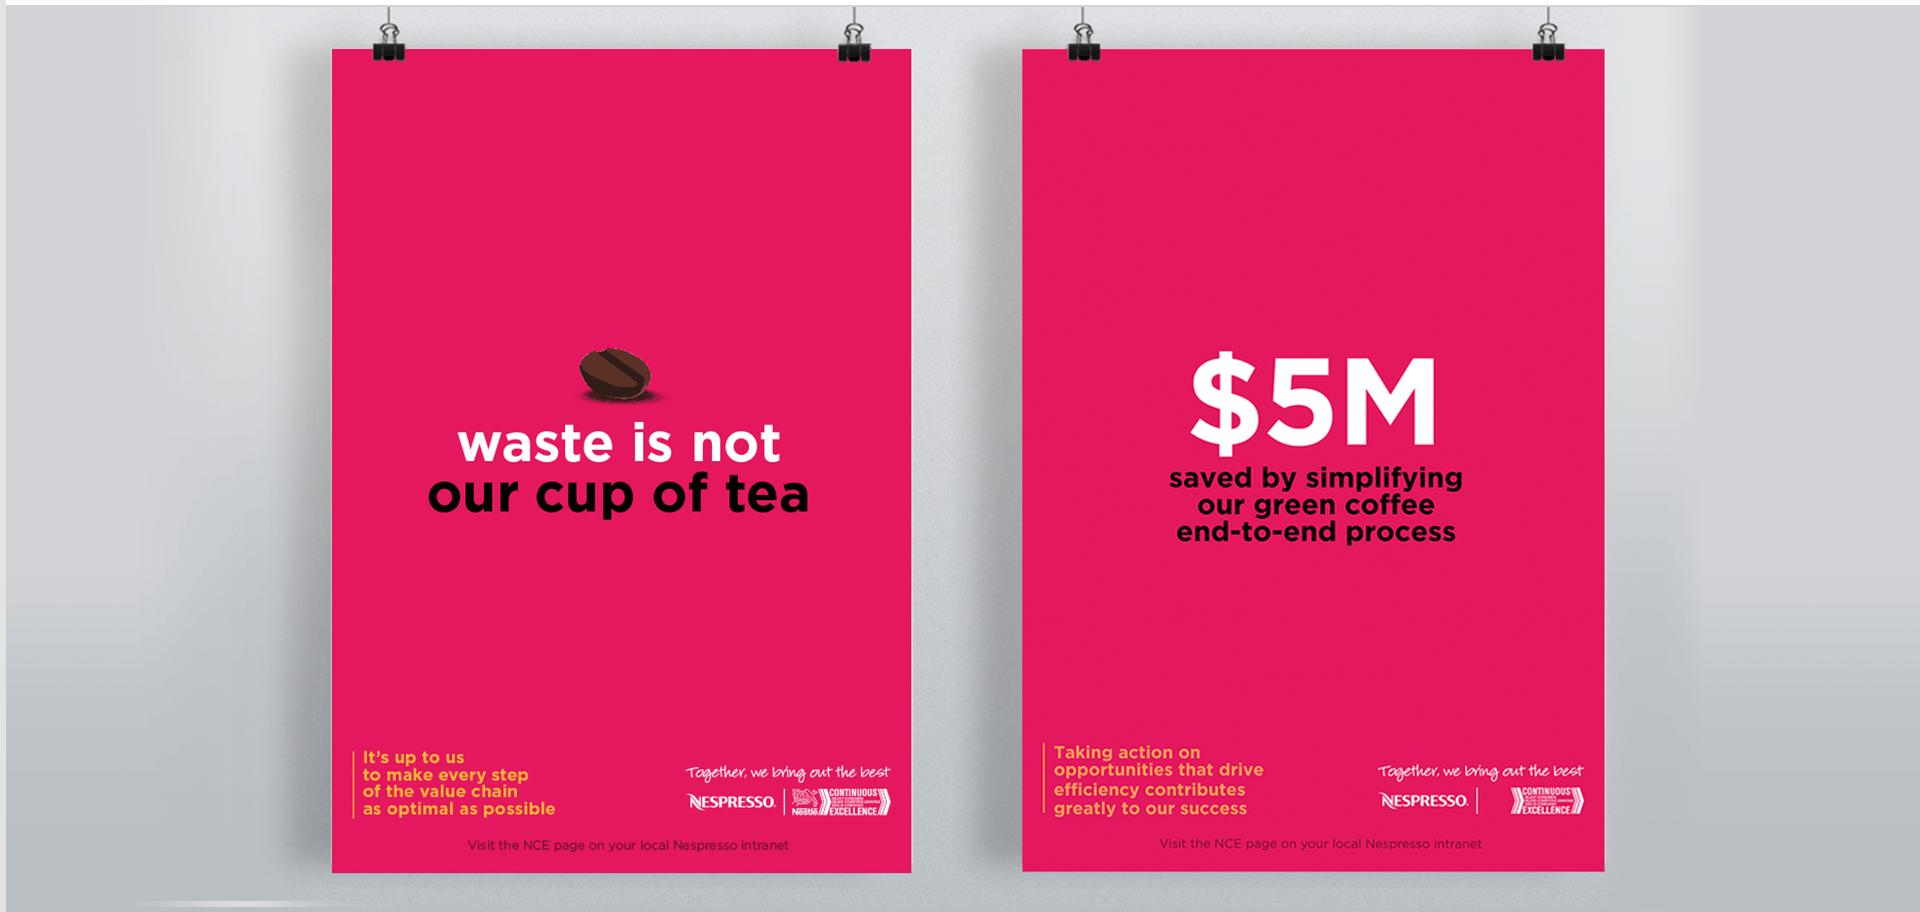 icon-nespresso-image-posters